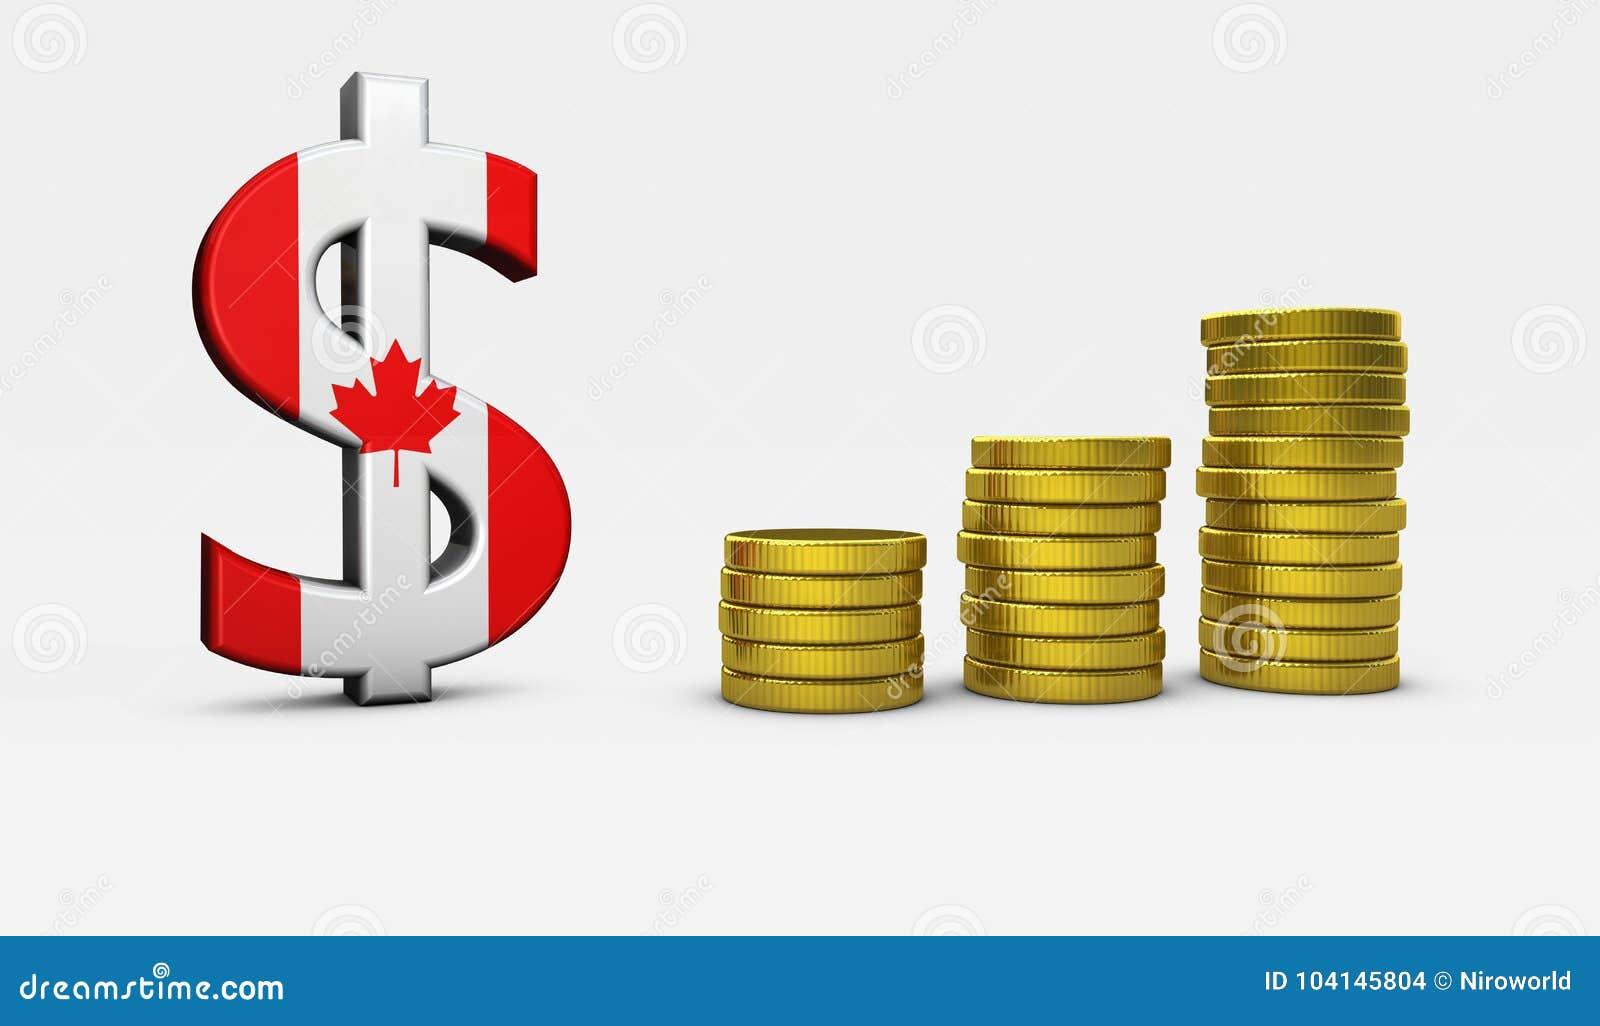 Kanadischer Dollar Zeichen Wirtschafts Konzept Stock Abbildung